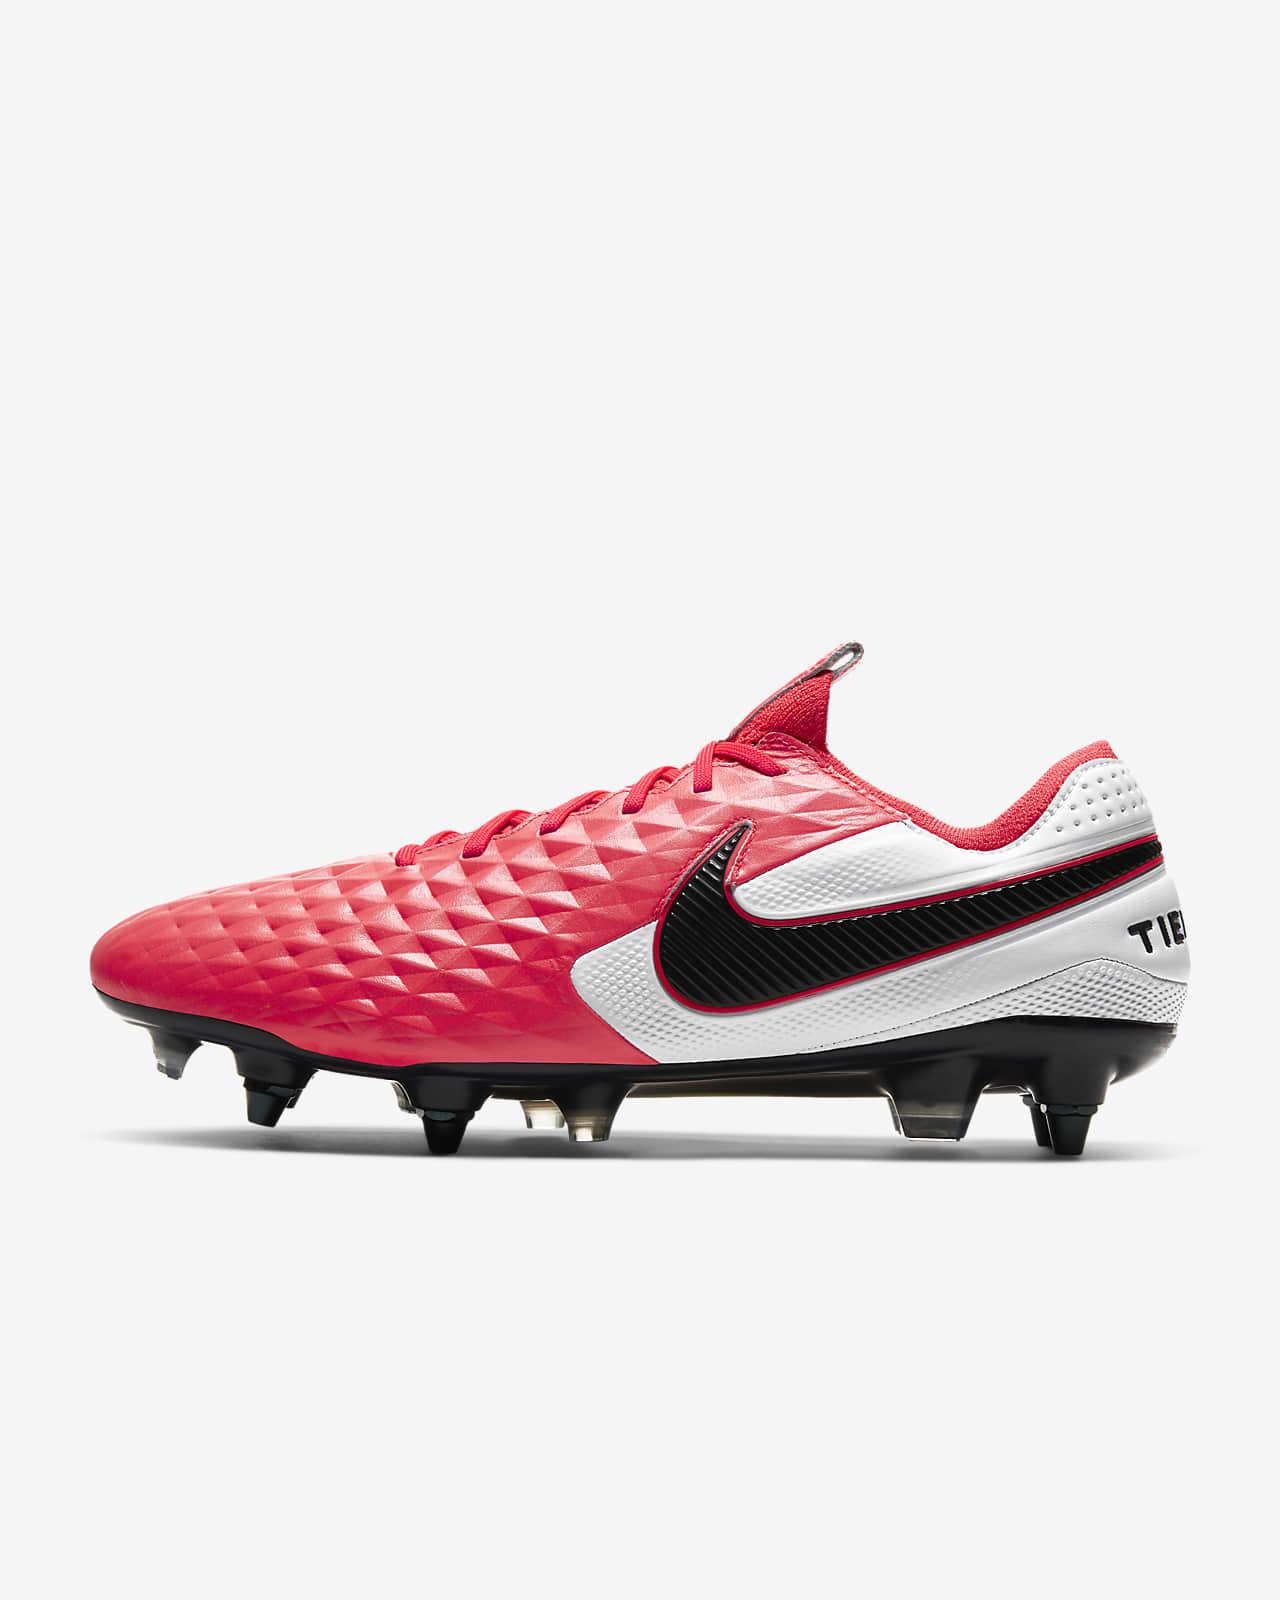 Chaussure de football à crampons pour terrain gras Nike Tiempo Legend 8 Elite SG PRO Anti Clog Traction